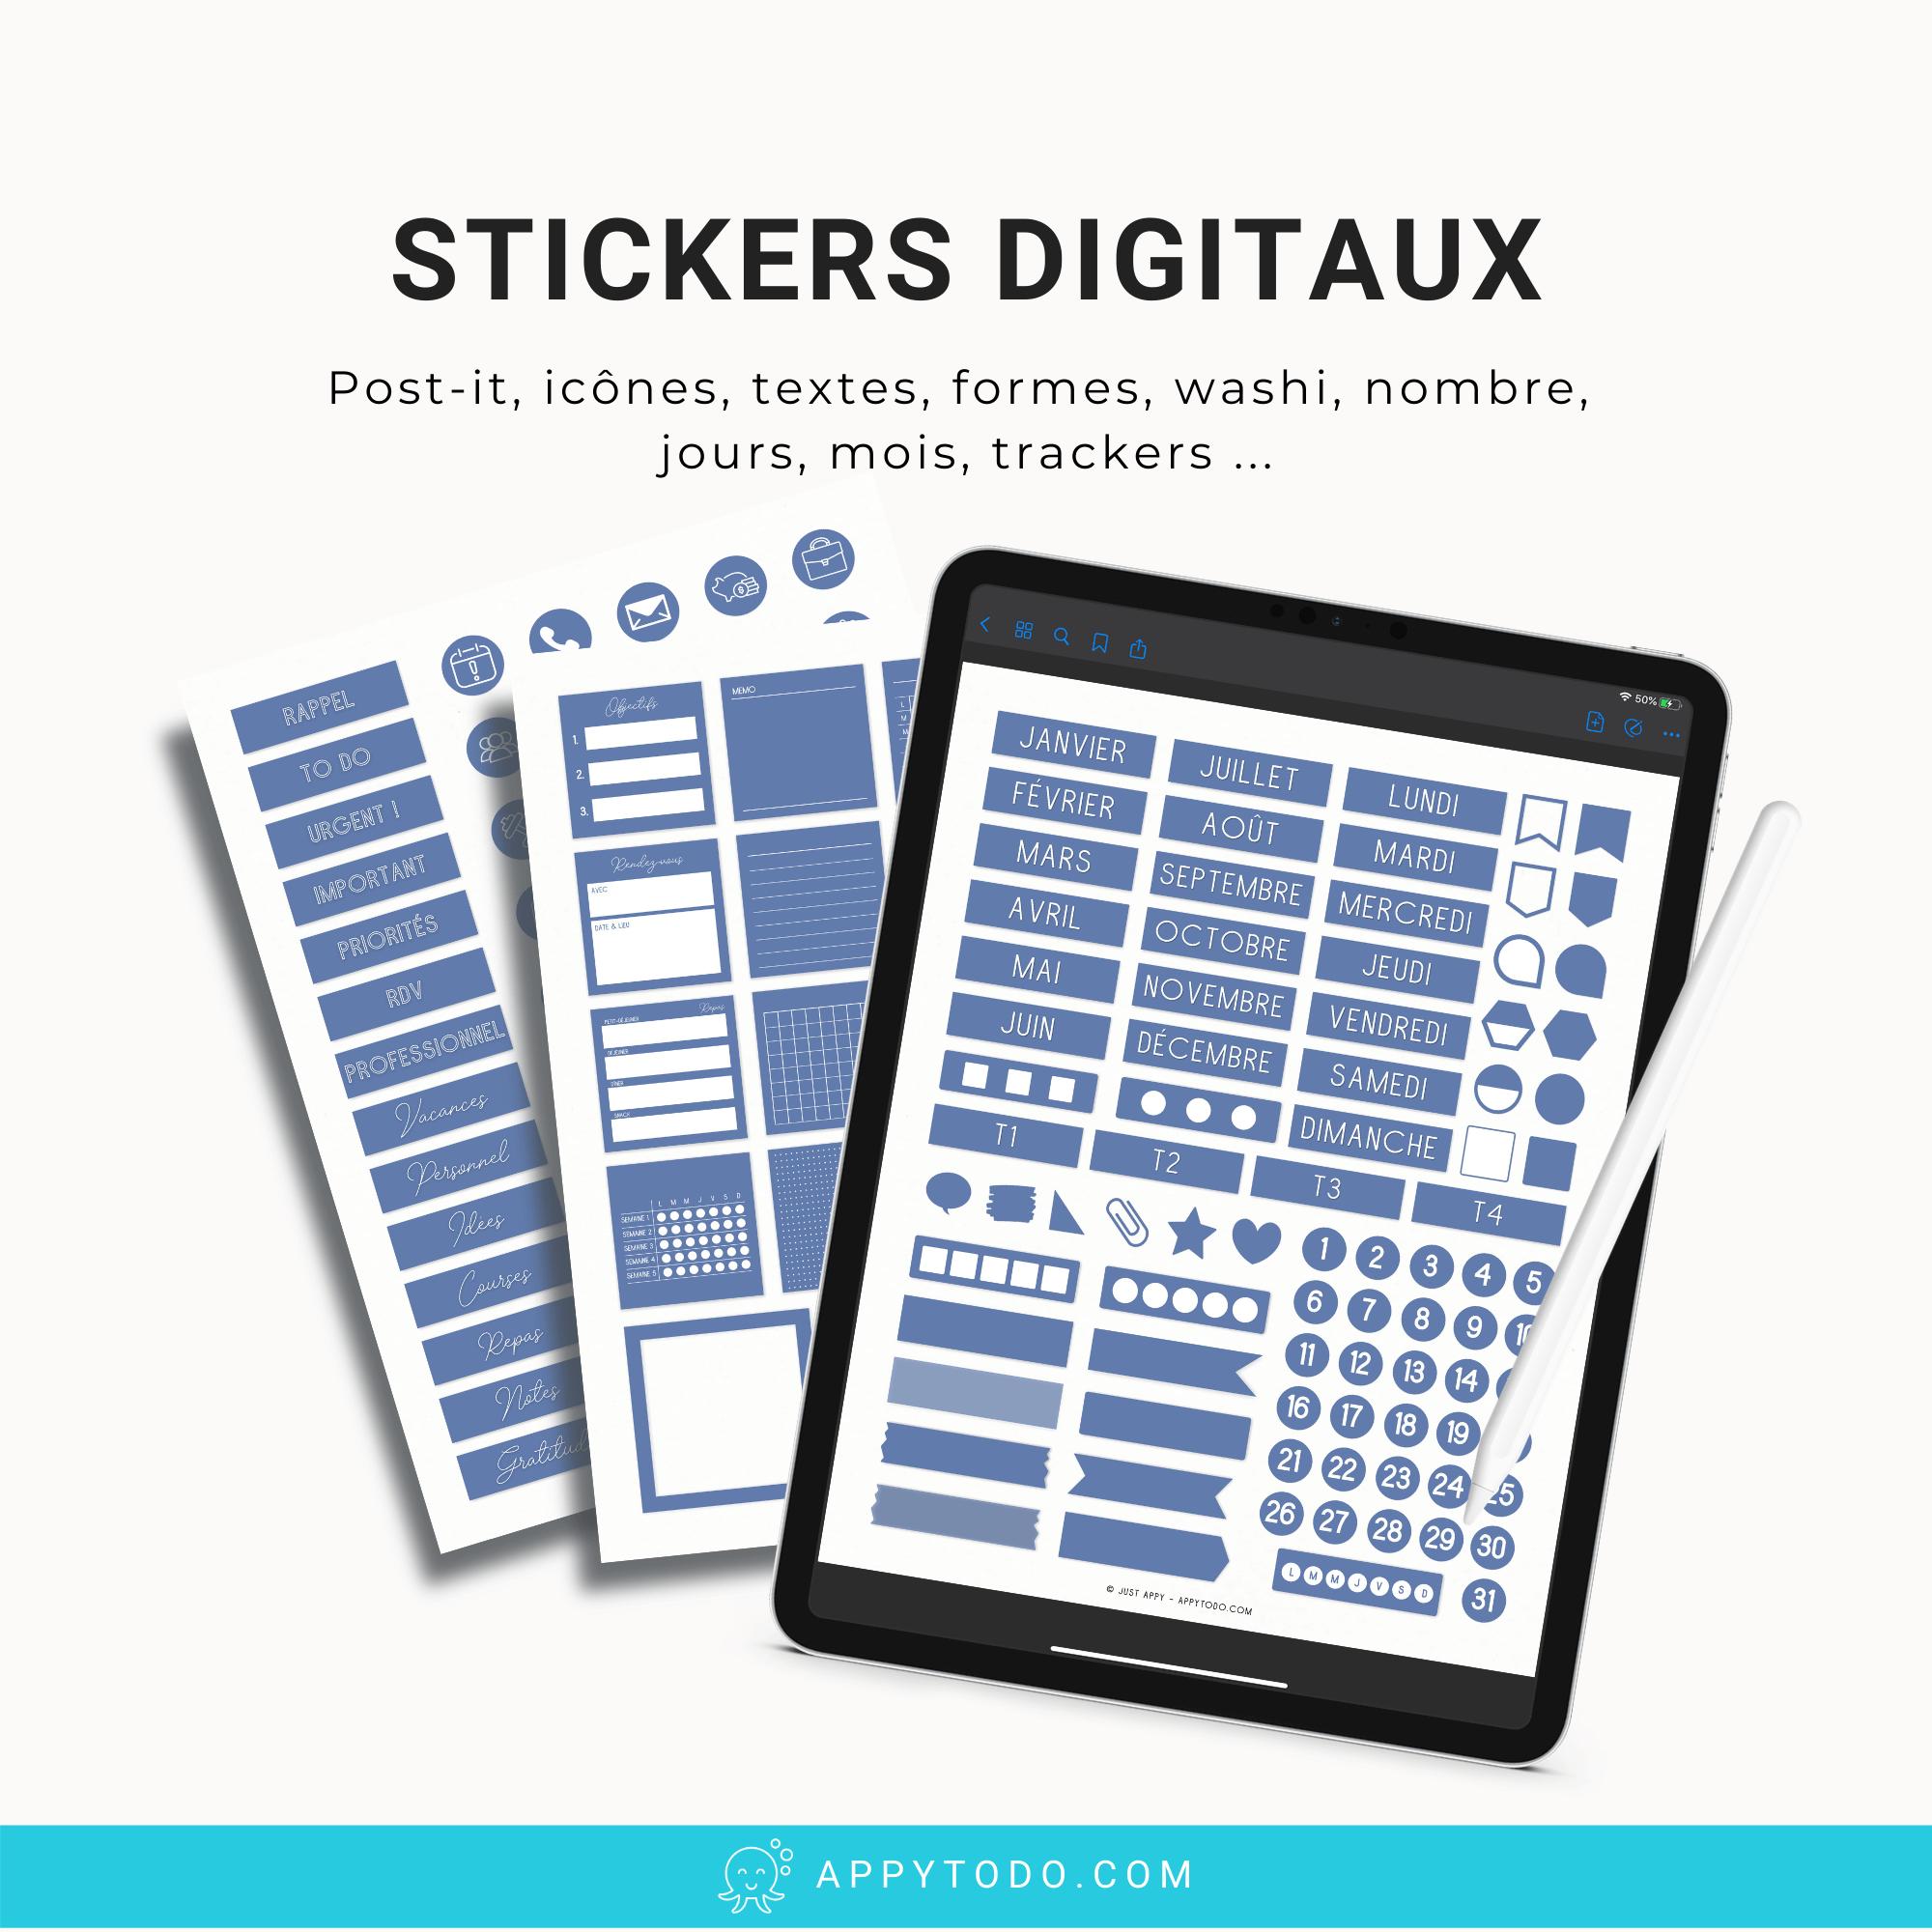 Stickers pour carnets et planner digital sur Ipad et tablette